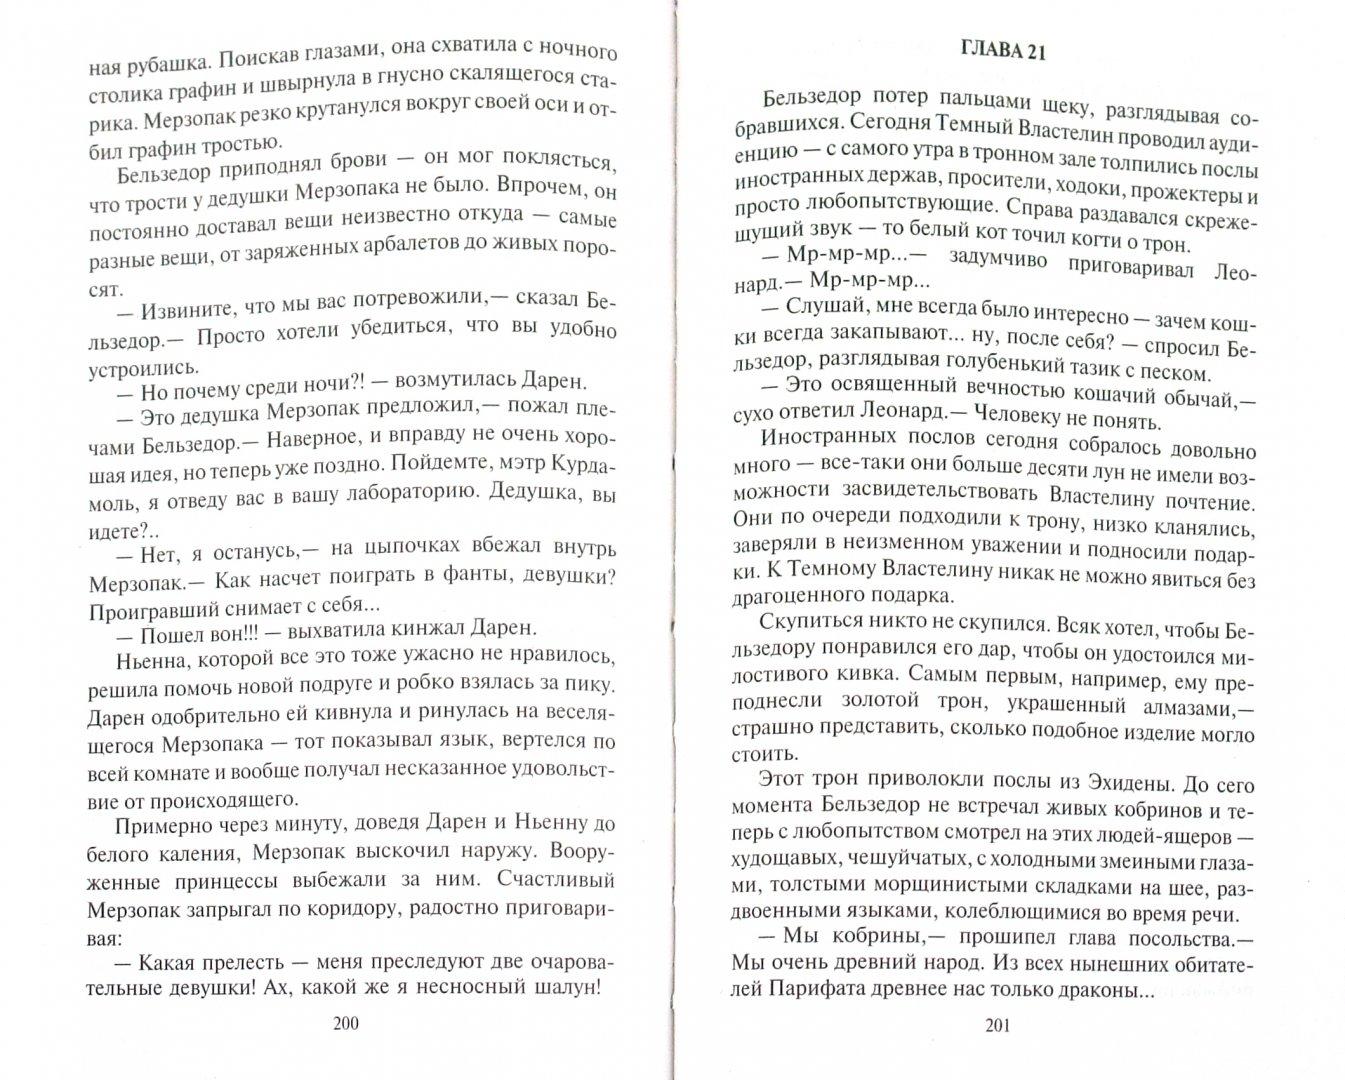 Иллюстрация 1 из 2 для Властелин - Александр Рудазов | Лабиринт - книги. Источник: Лабиринт